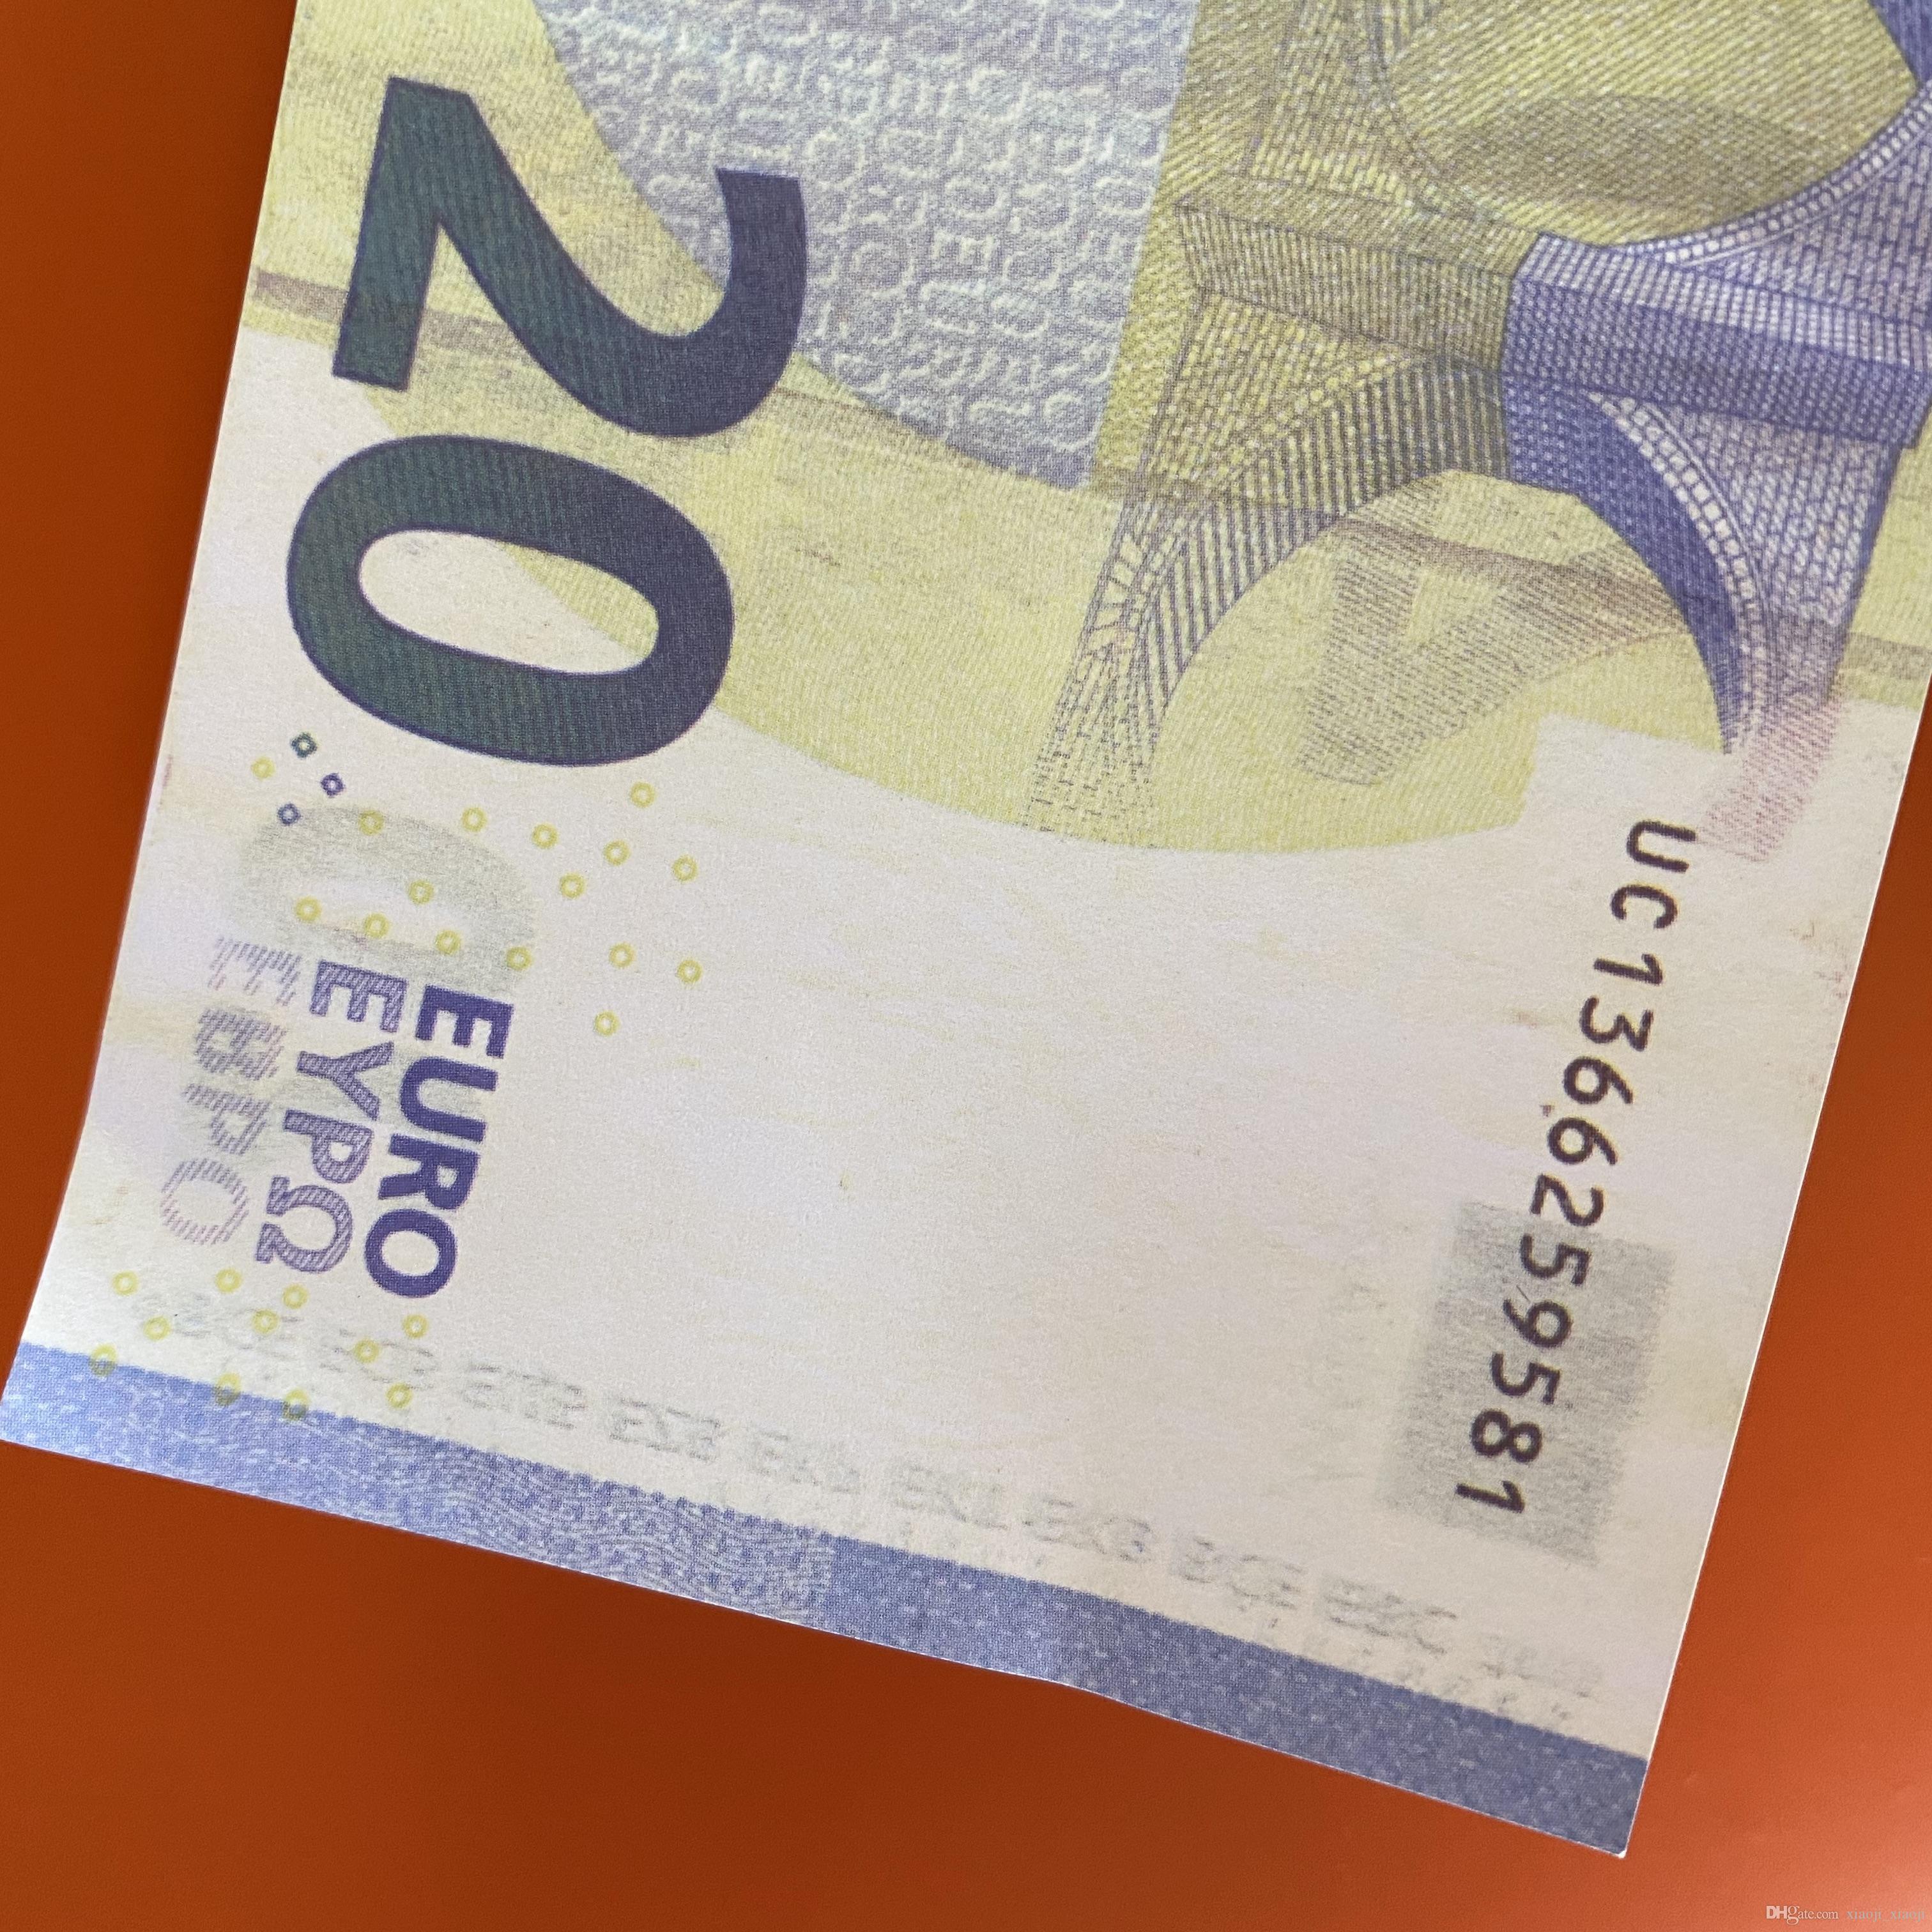 PROP ARGENT 100PCS / PAYS Jeu Jeux Enfants Banknote Famille Most / Euro / Dollar Papier ou US Copy Realistic Toy188 RTEKF